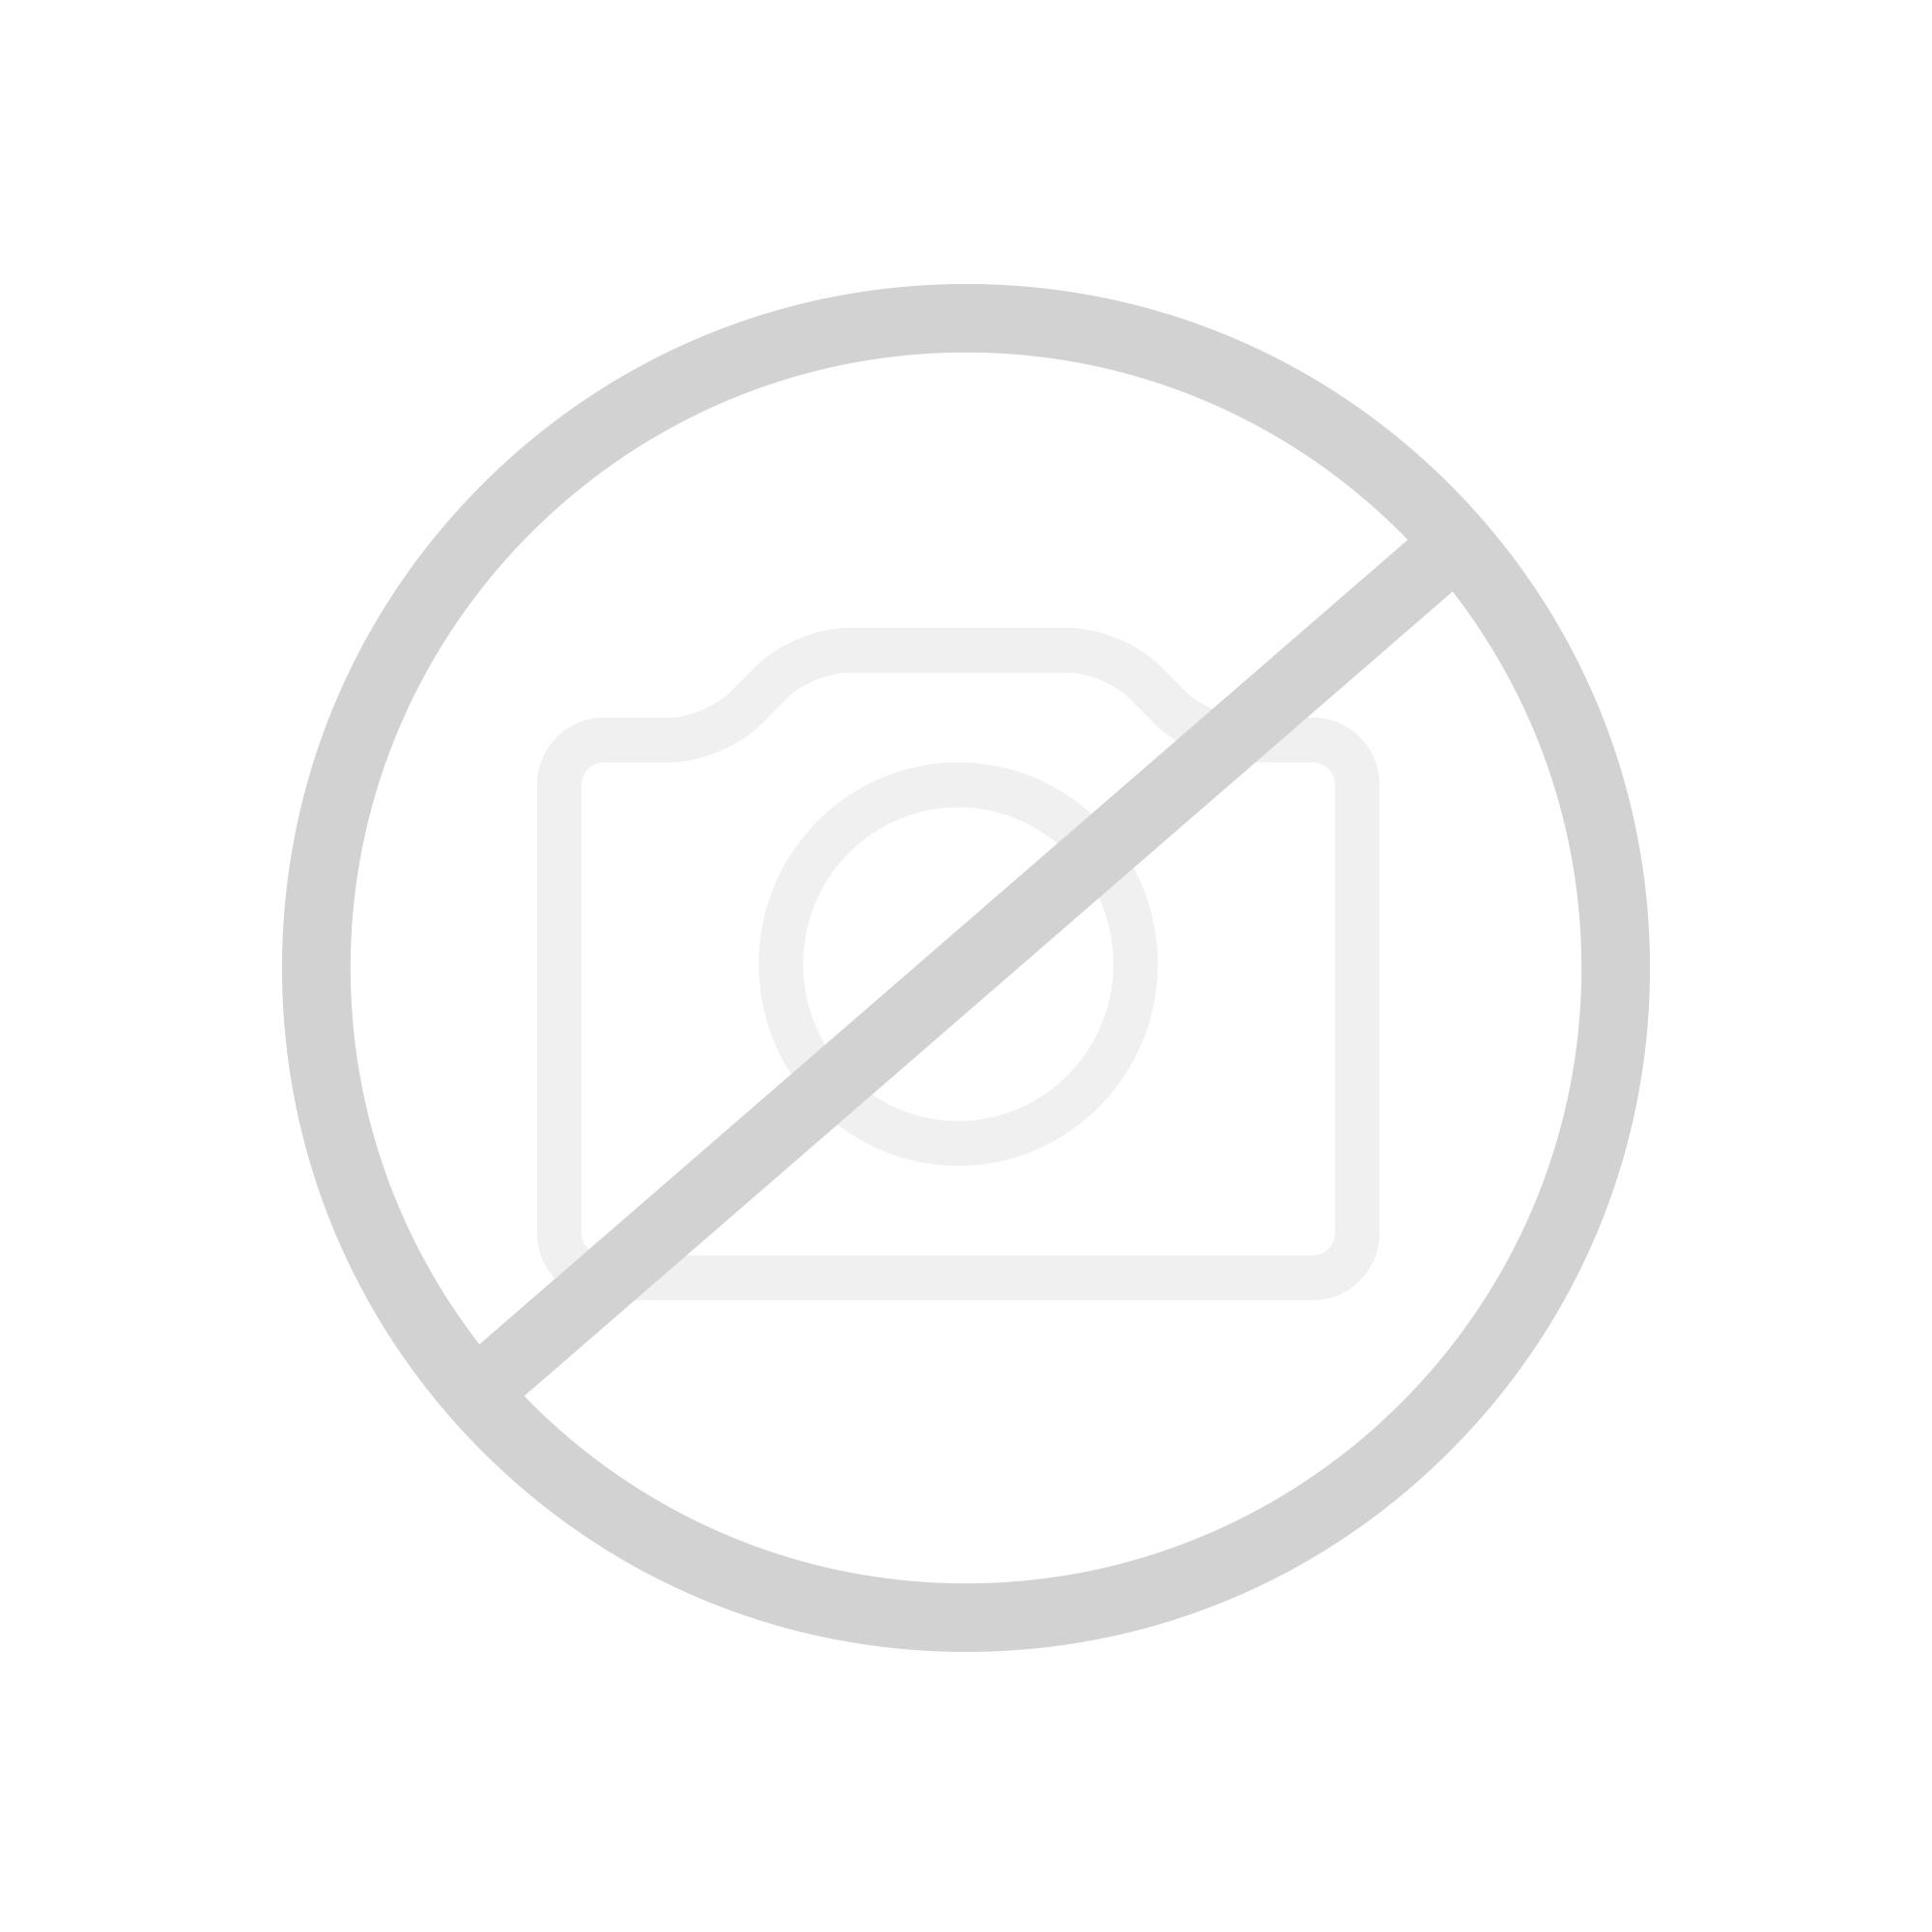 Geberit Duofix Waschtisch-Traverse für Systemwand